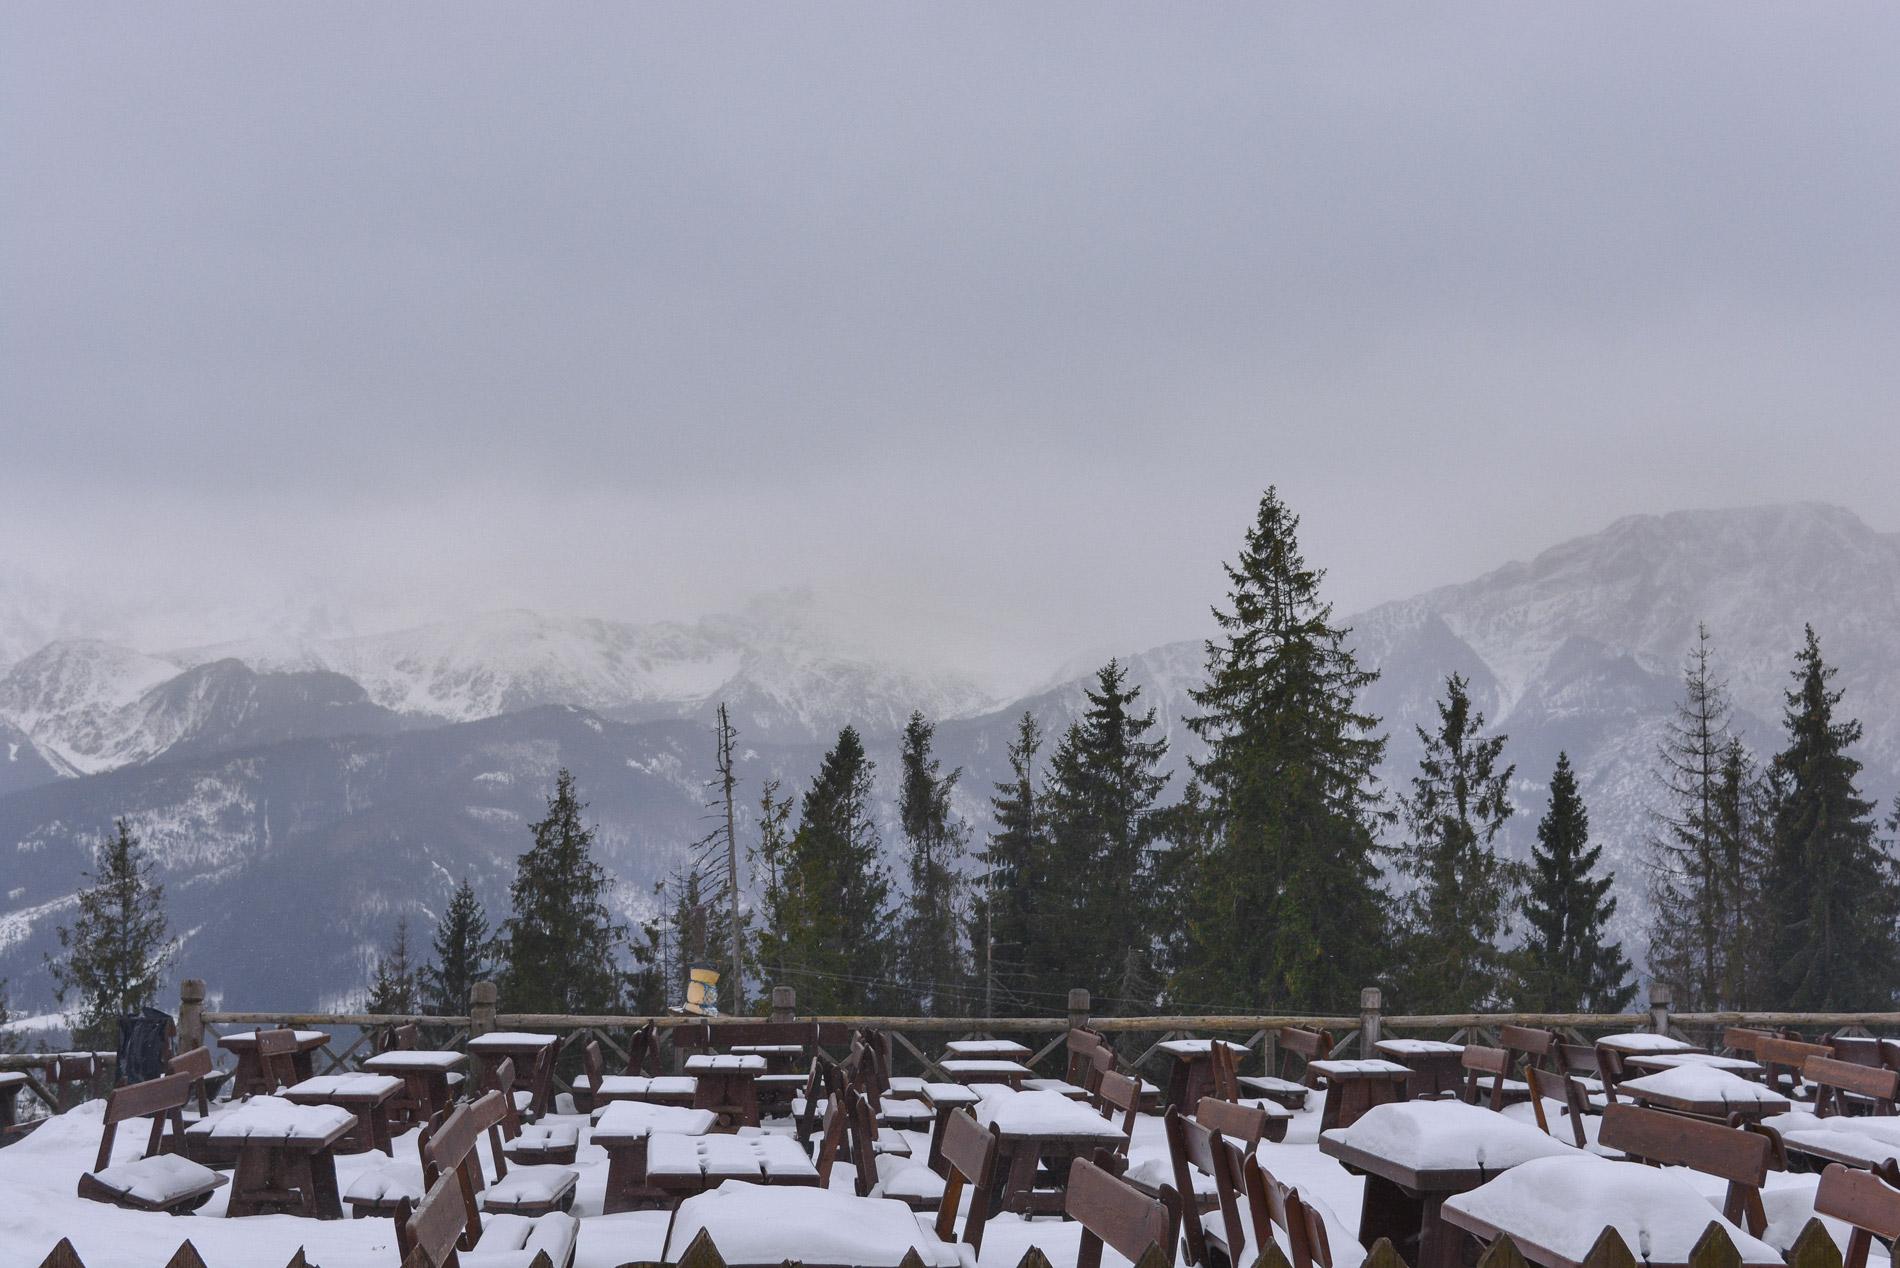 Esplanada coberta de neve e uma vista magnífica para as montanhas no Sul da Polónia